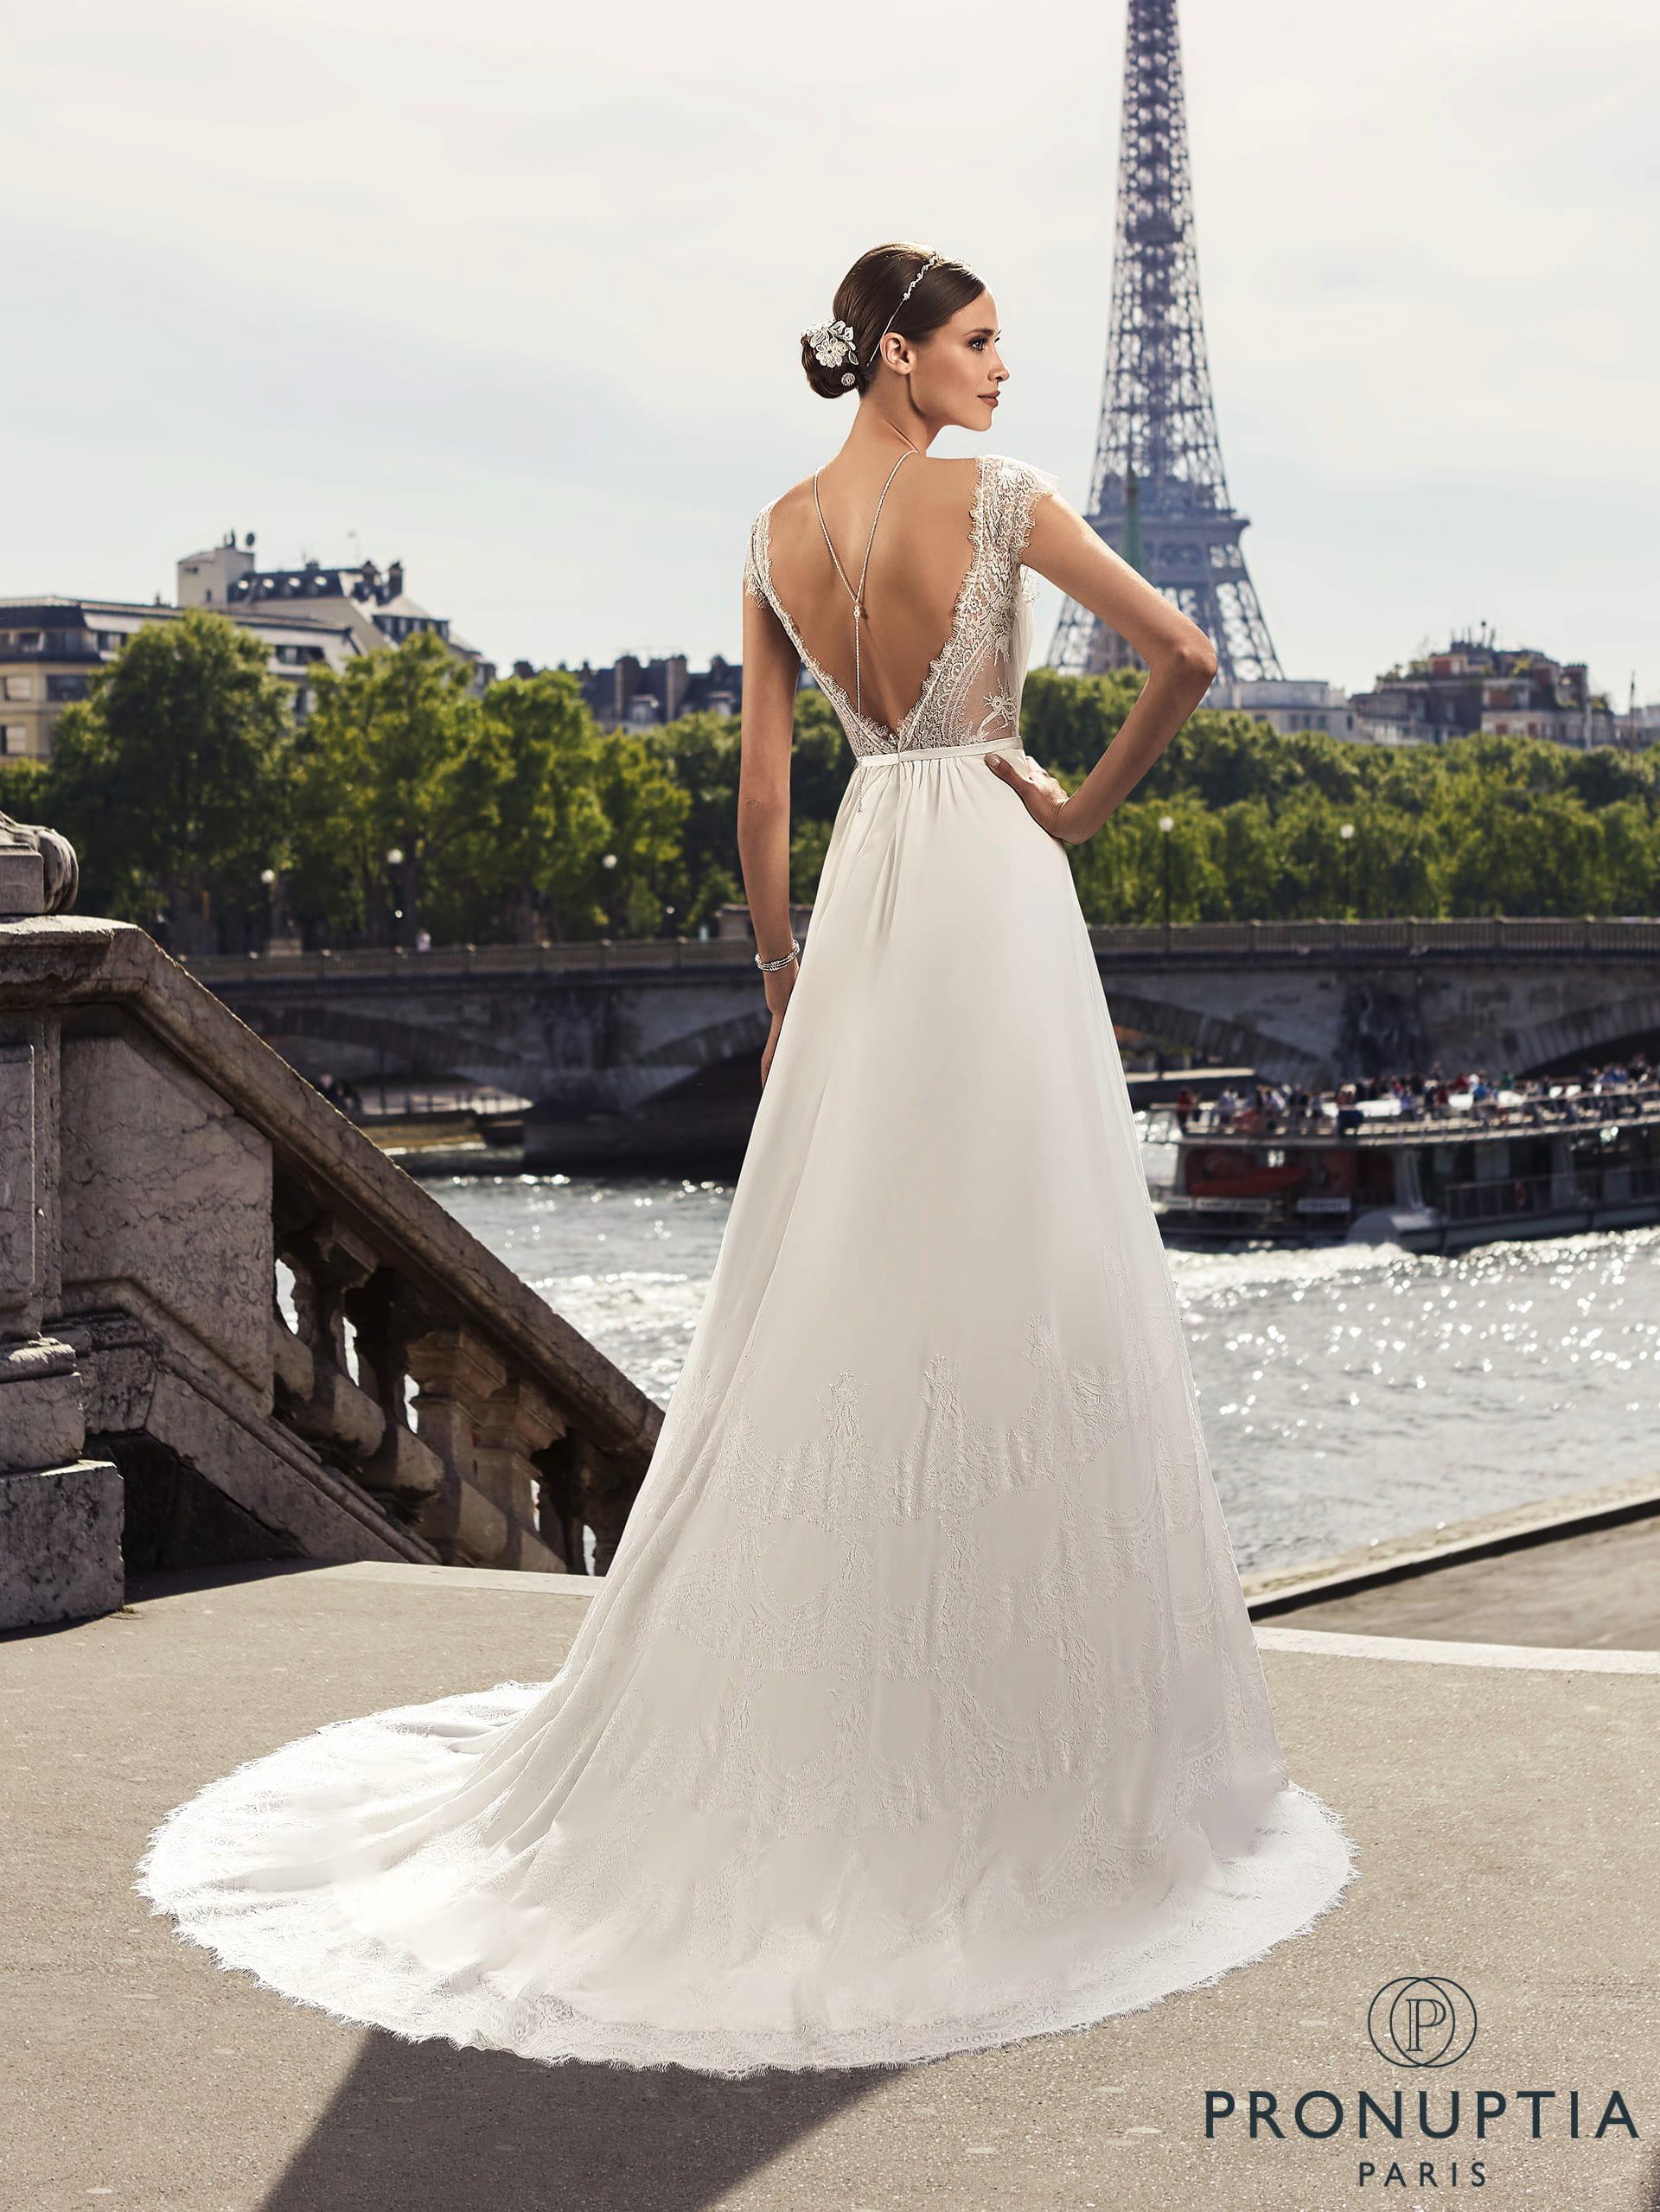 Robe De Mariée Villette Pronuptia